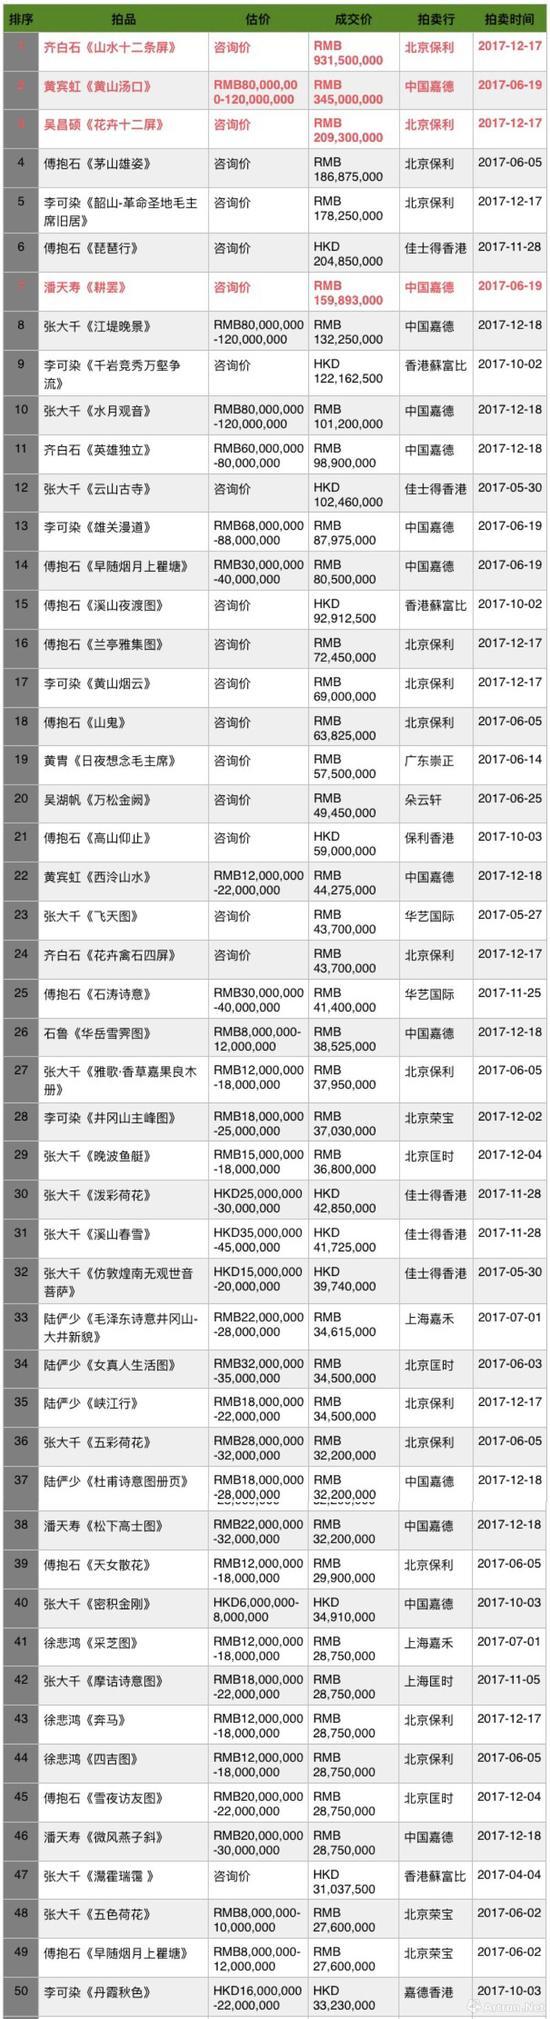 2017年度中国近现代书画成交TOP50 (制图数据来源:雅昌艺术网)